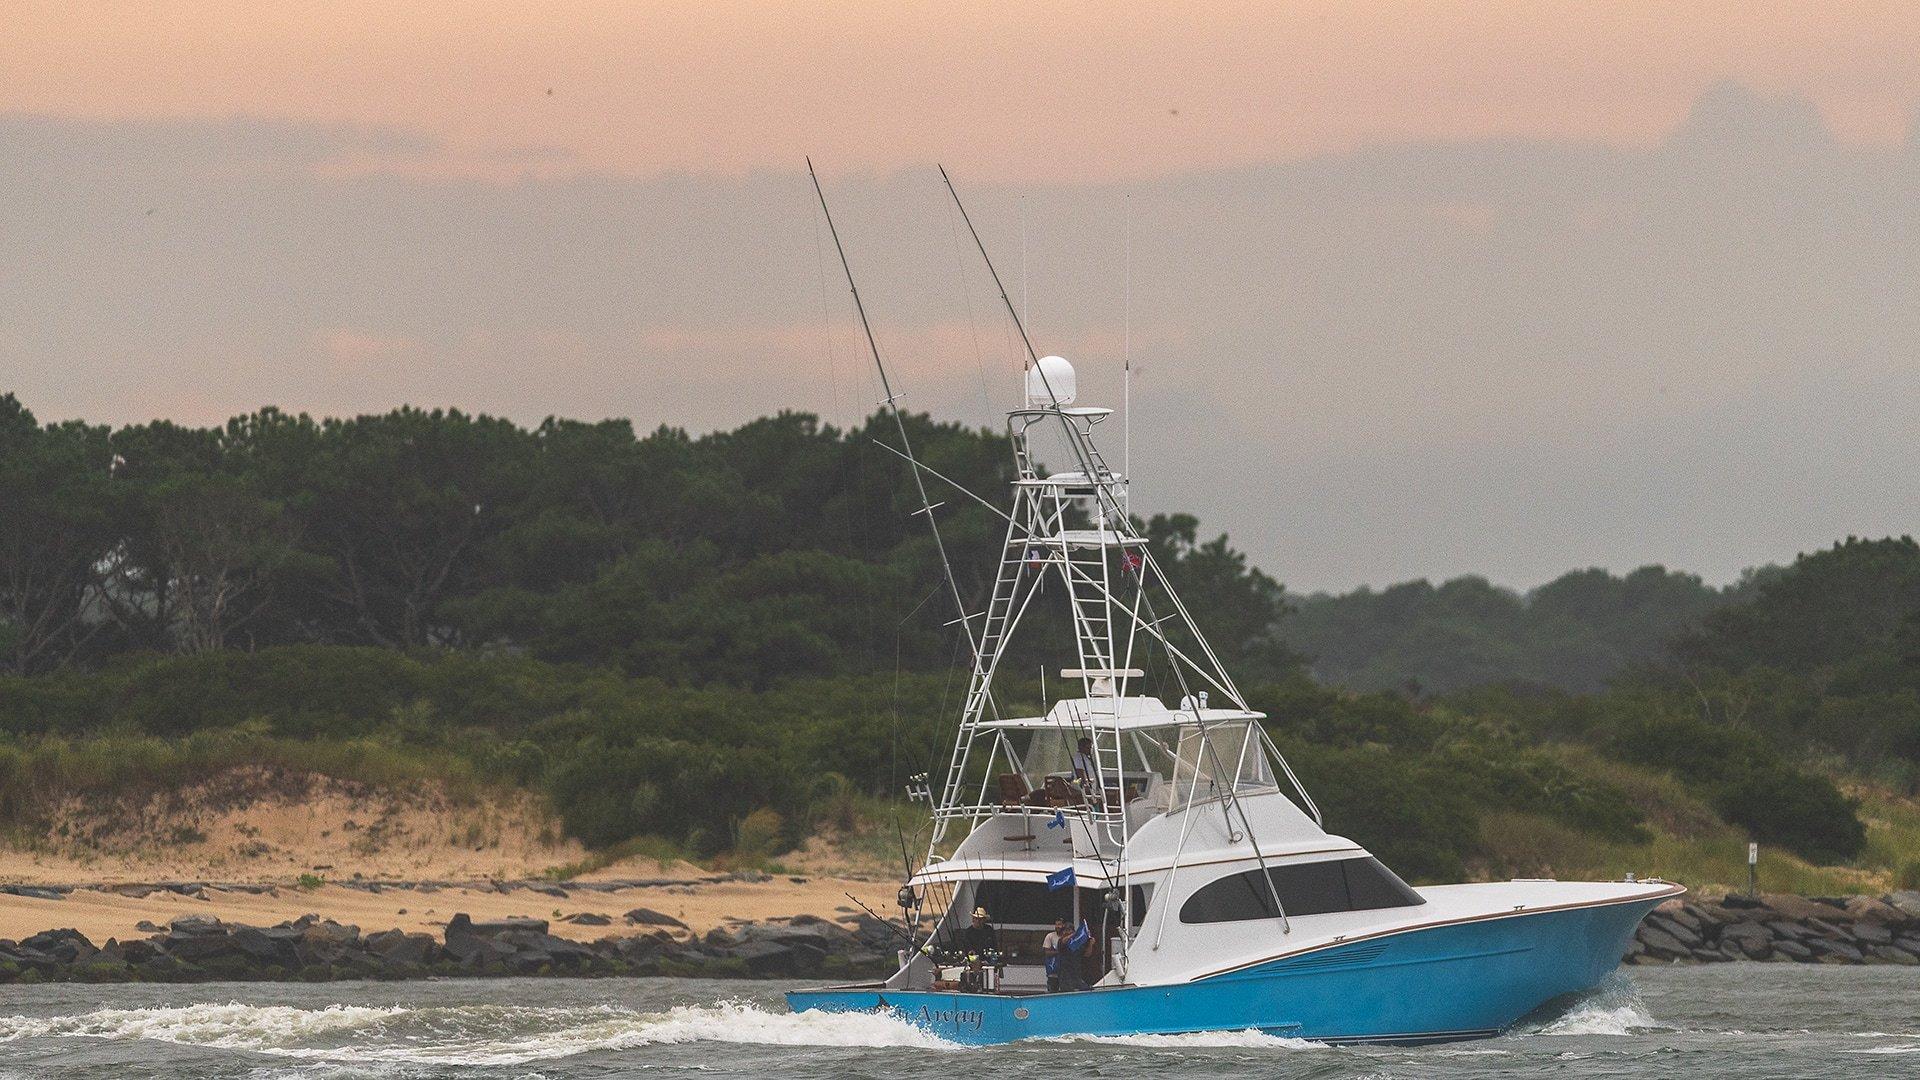 2019 White Marlin Open Blue Sport Fishing Boat